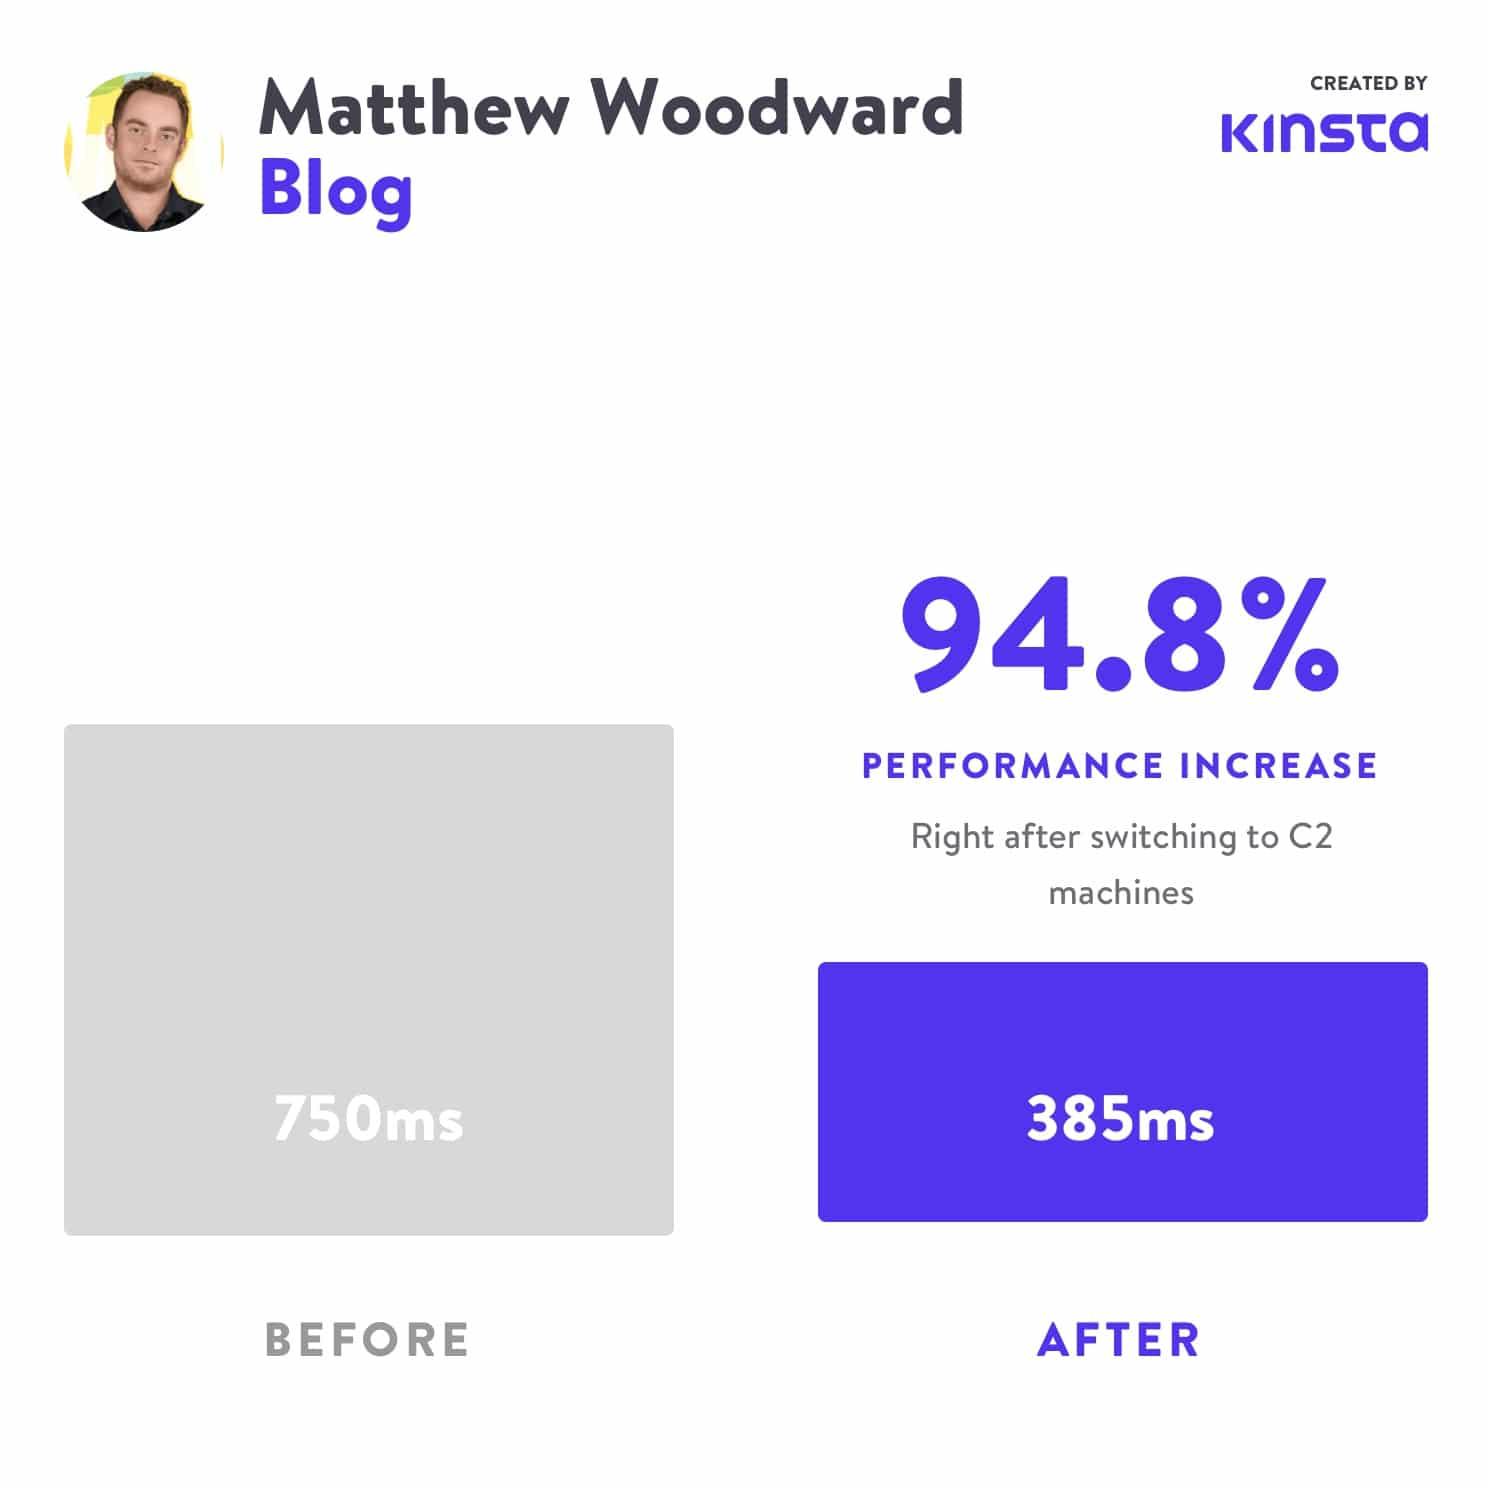 Matthew Woodward experimentó un aumento de rendimiento del 94,8% después de pasar a C2.